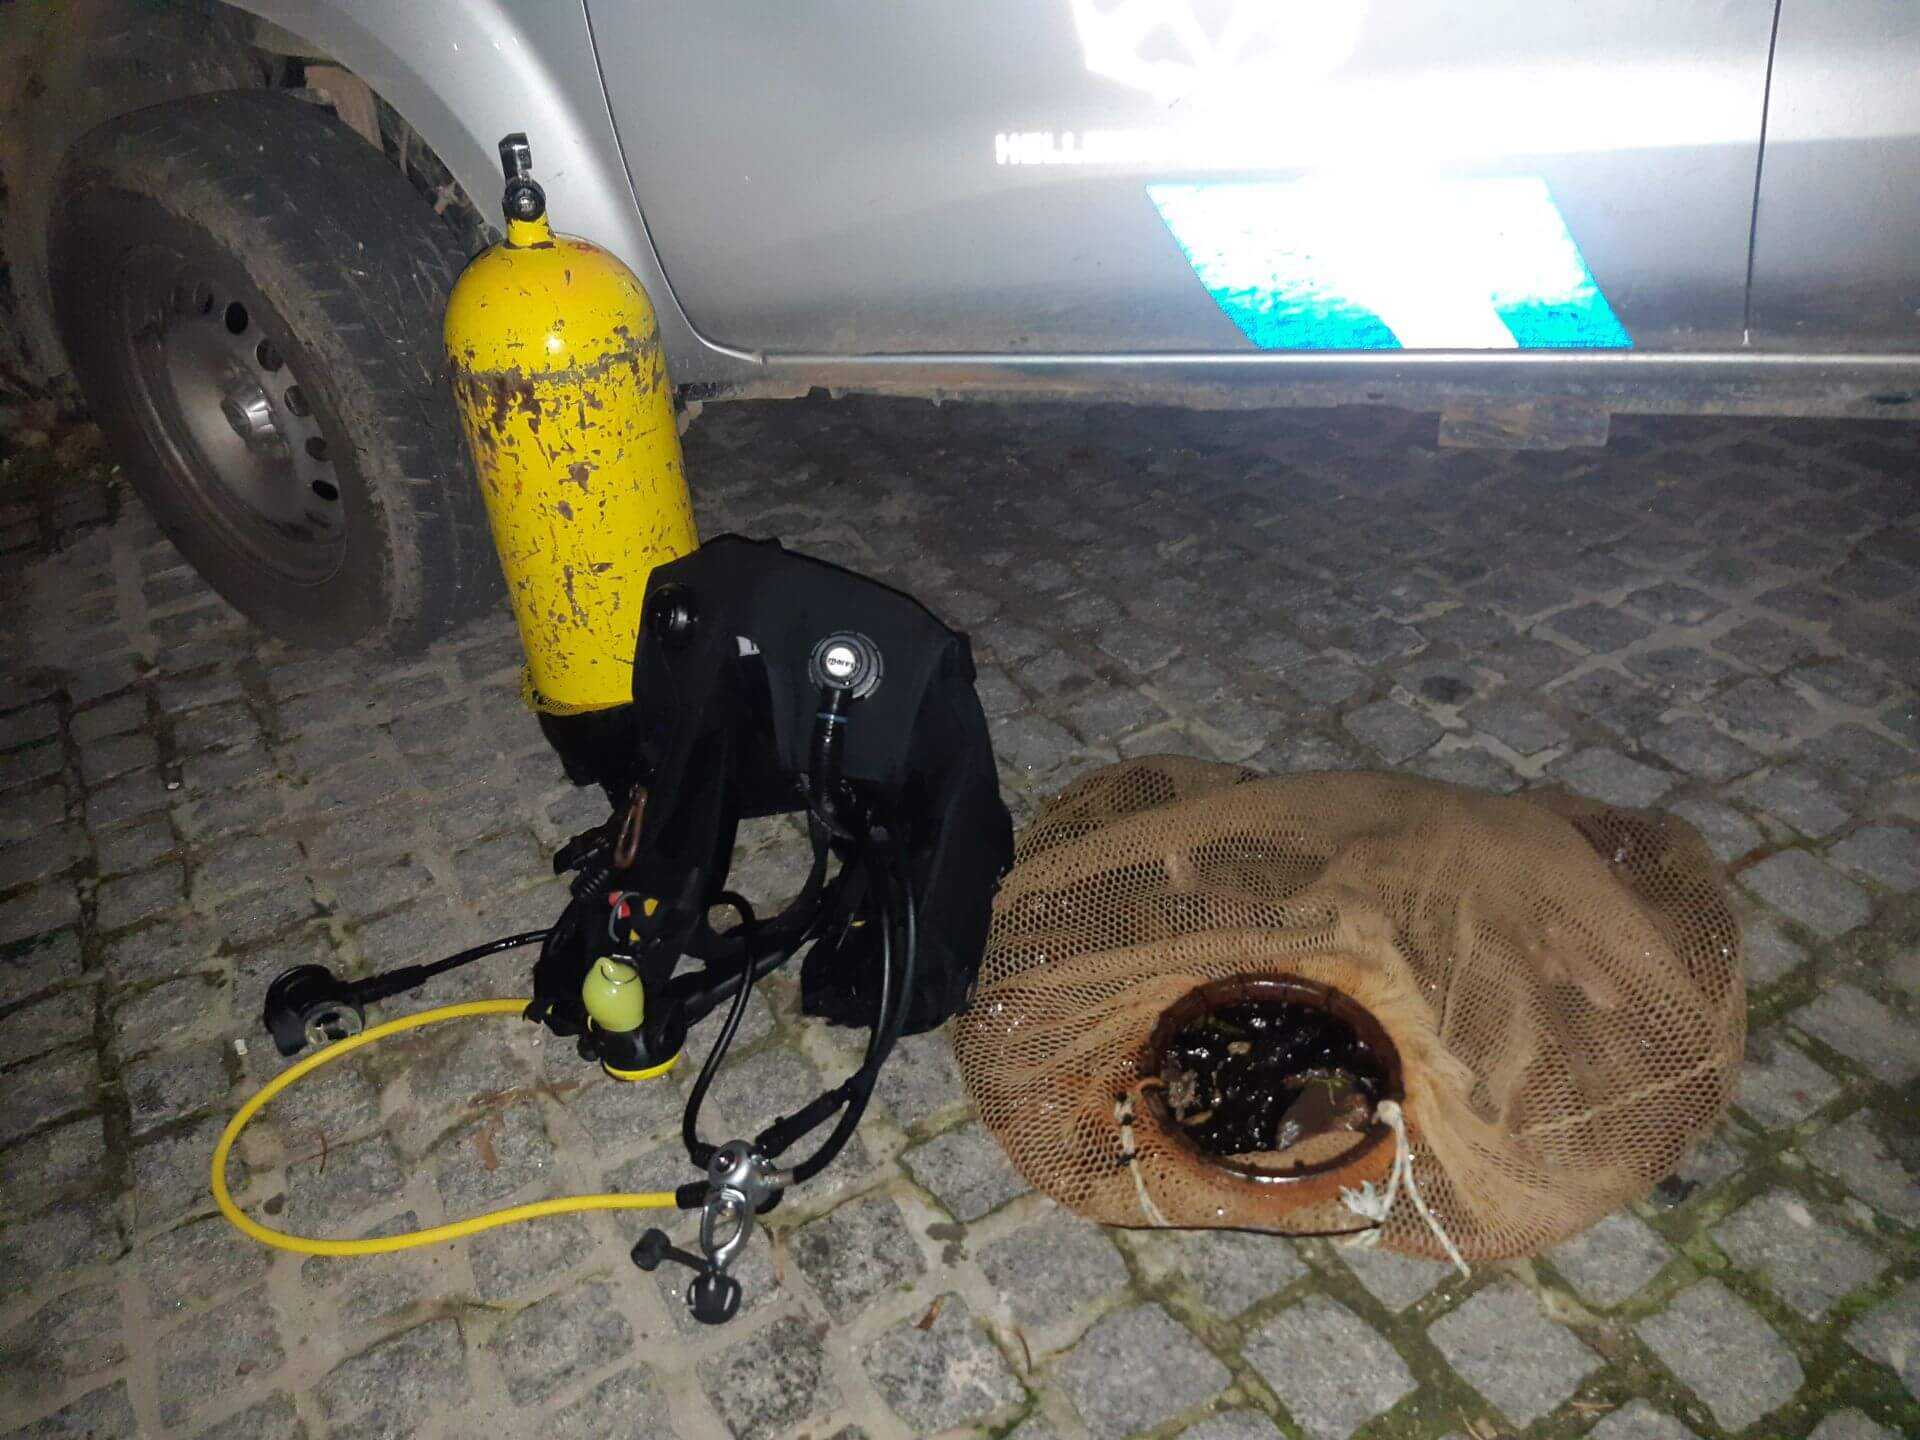 Αλιευτικός έλεγχος στη Χαλκίδα - Τι βρήκαν οι αρχές